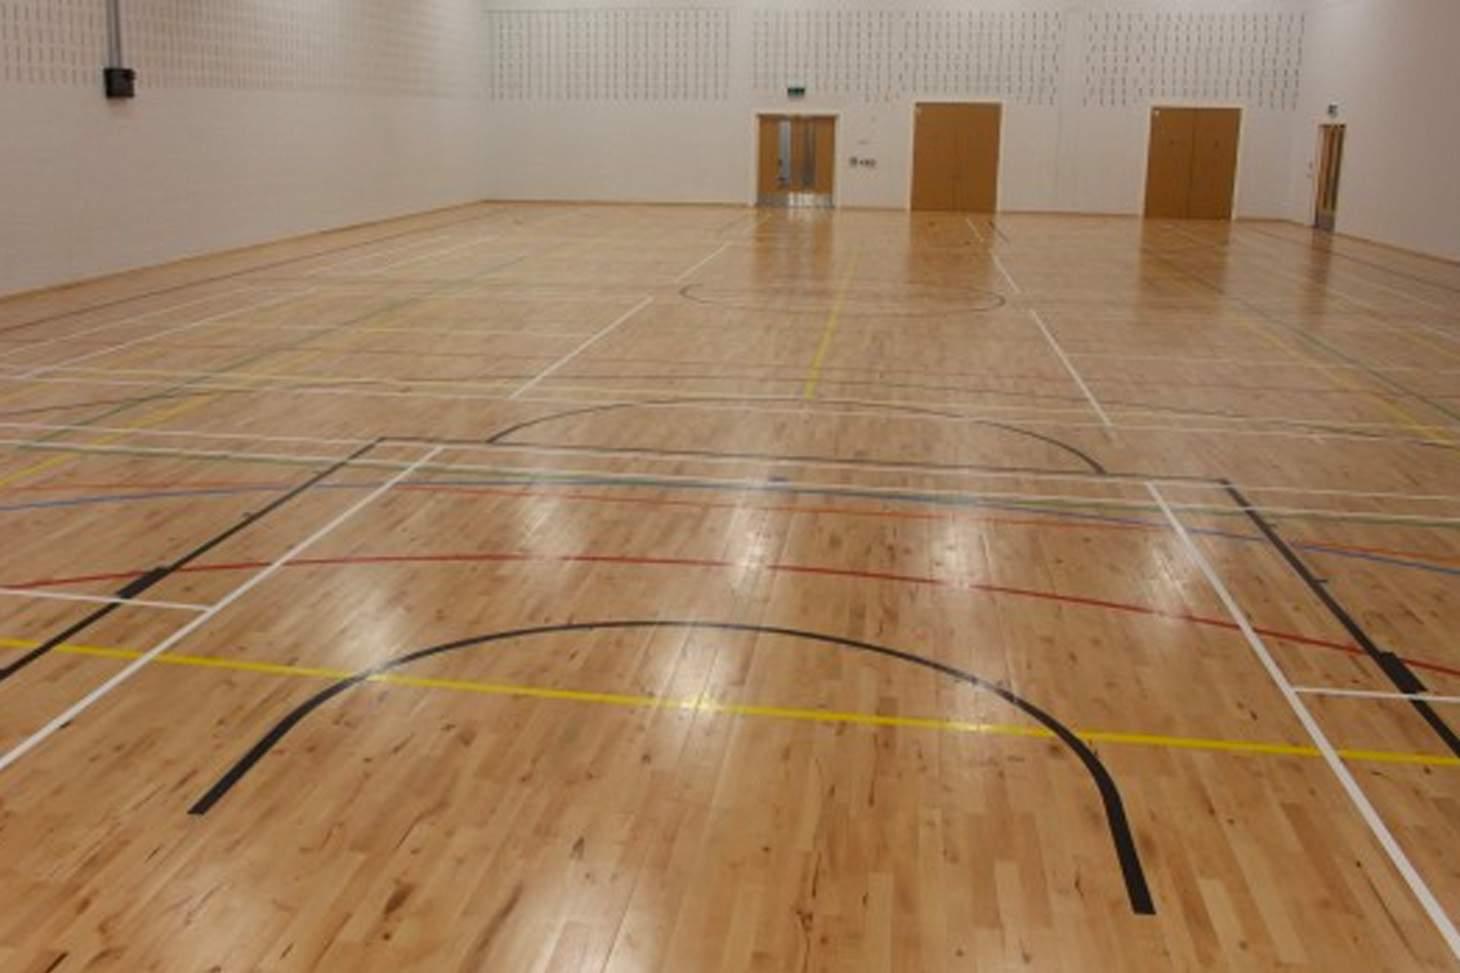 Kensington Primary Academy Indoor | Hard badminton court